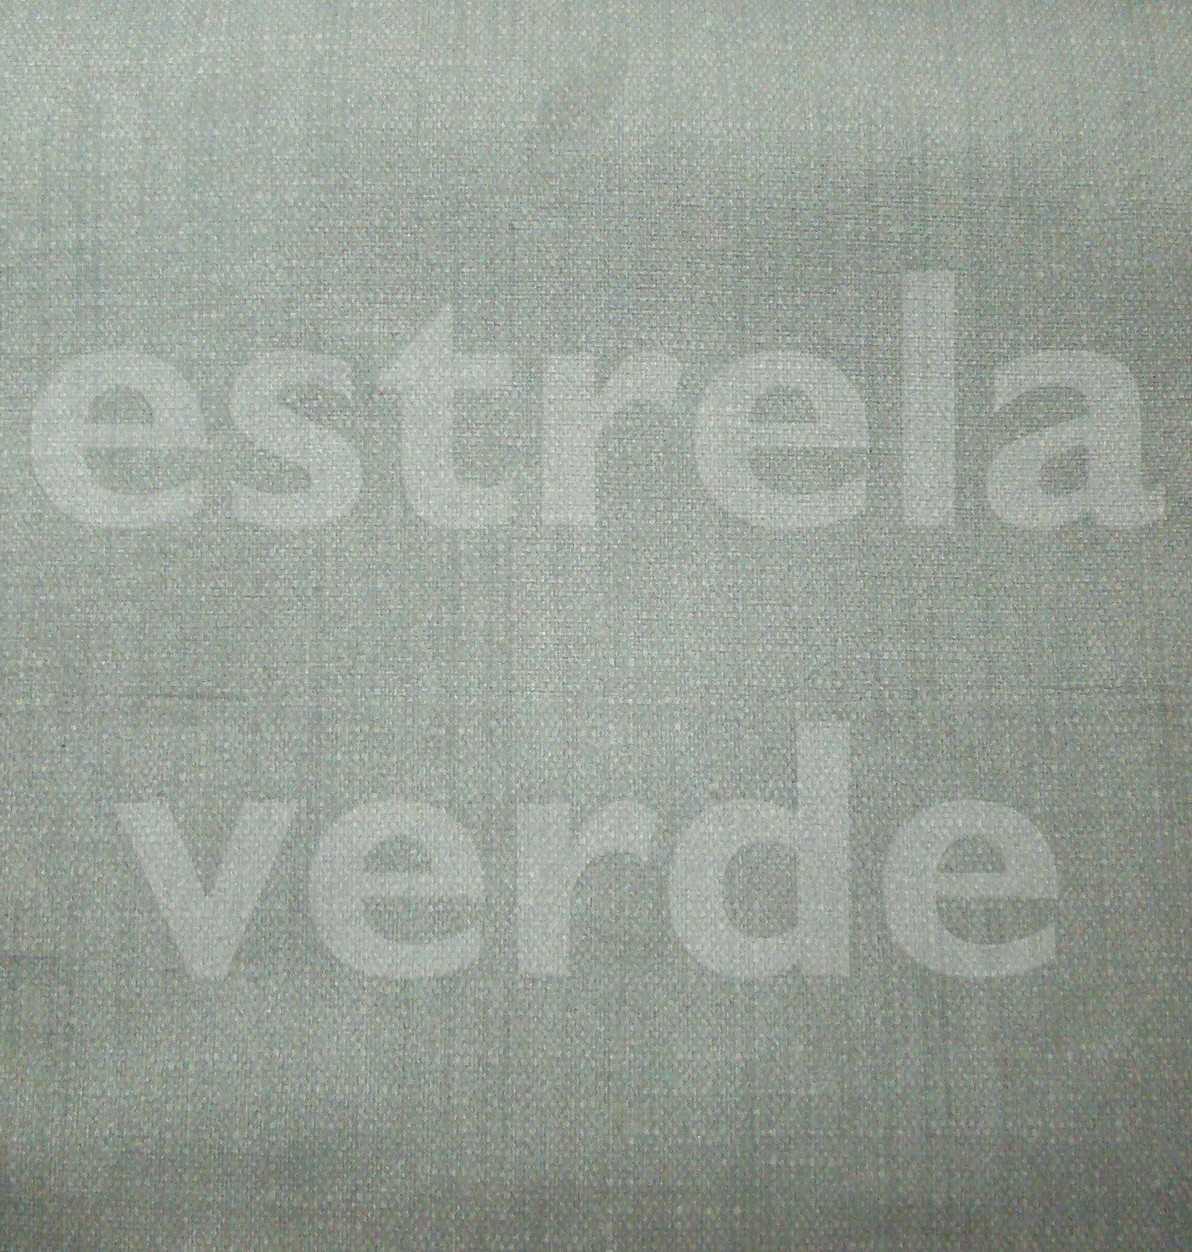 SUEDE ATENAS FENDI (3064-77) (DESCONTINUADO)  - Estrela Verde